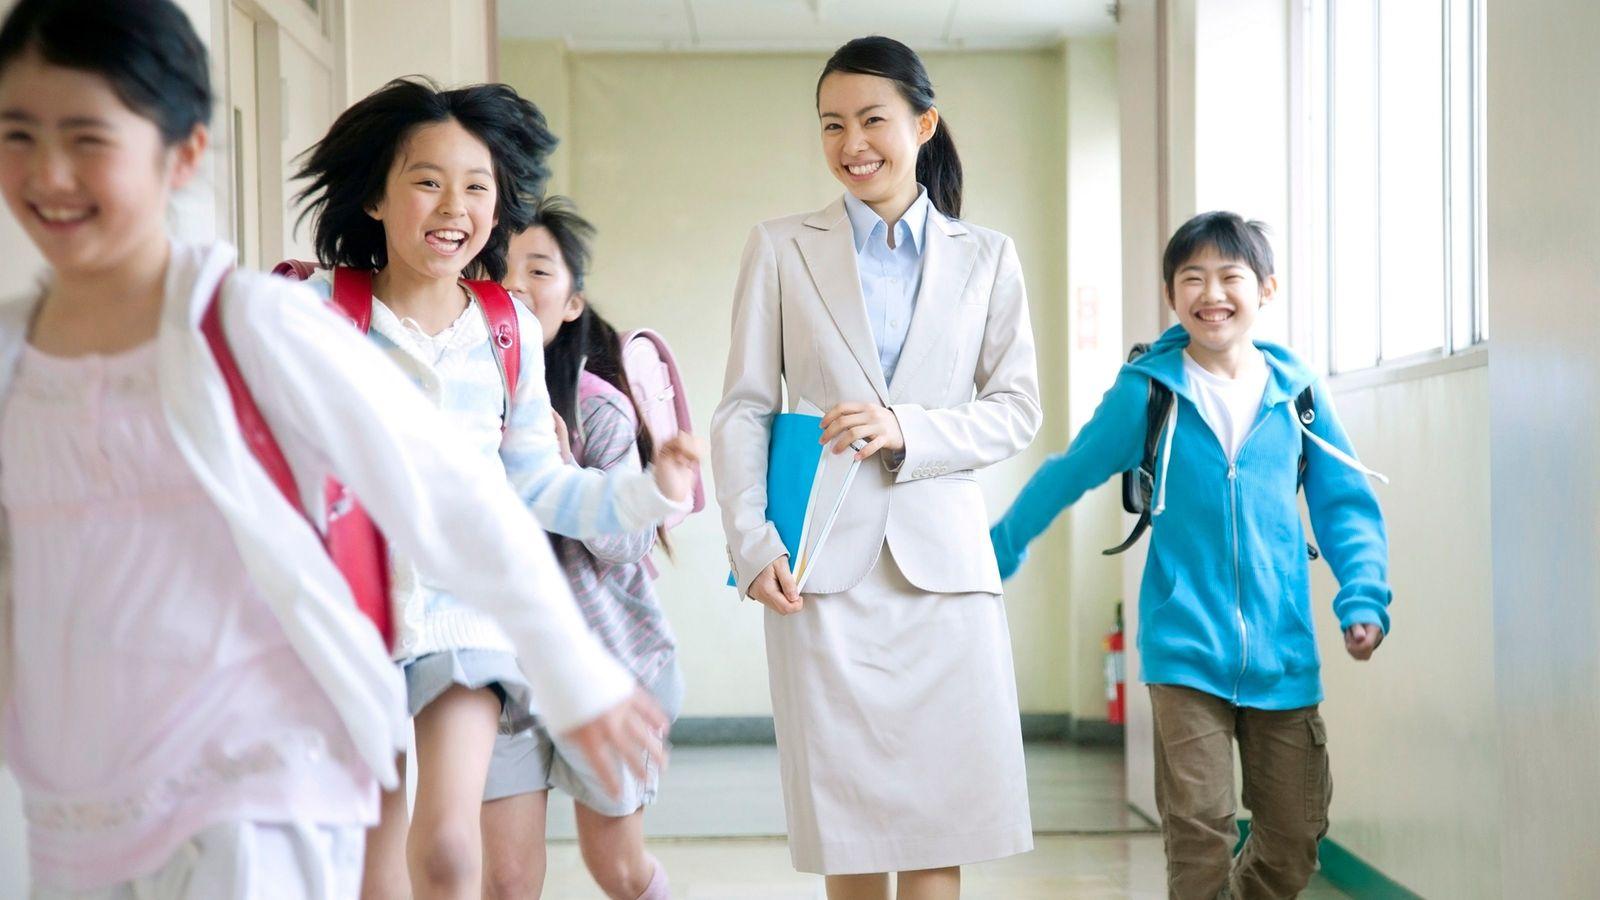 「巨乳に見える服着るな」教員いじめの低レベル 神戸の小学校の事件は氷山の一角